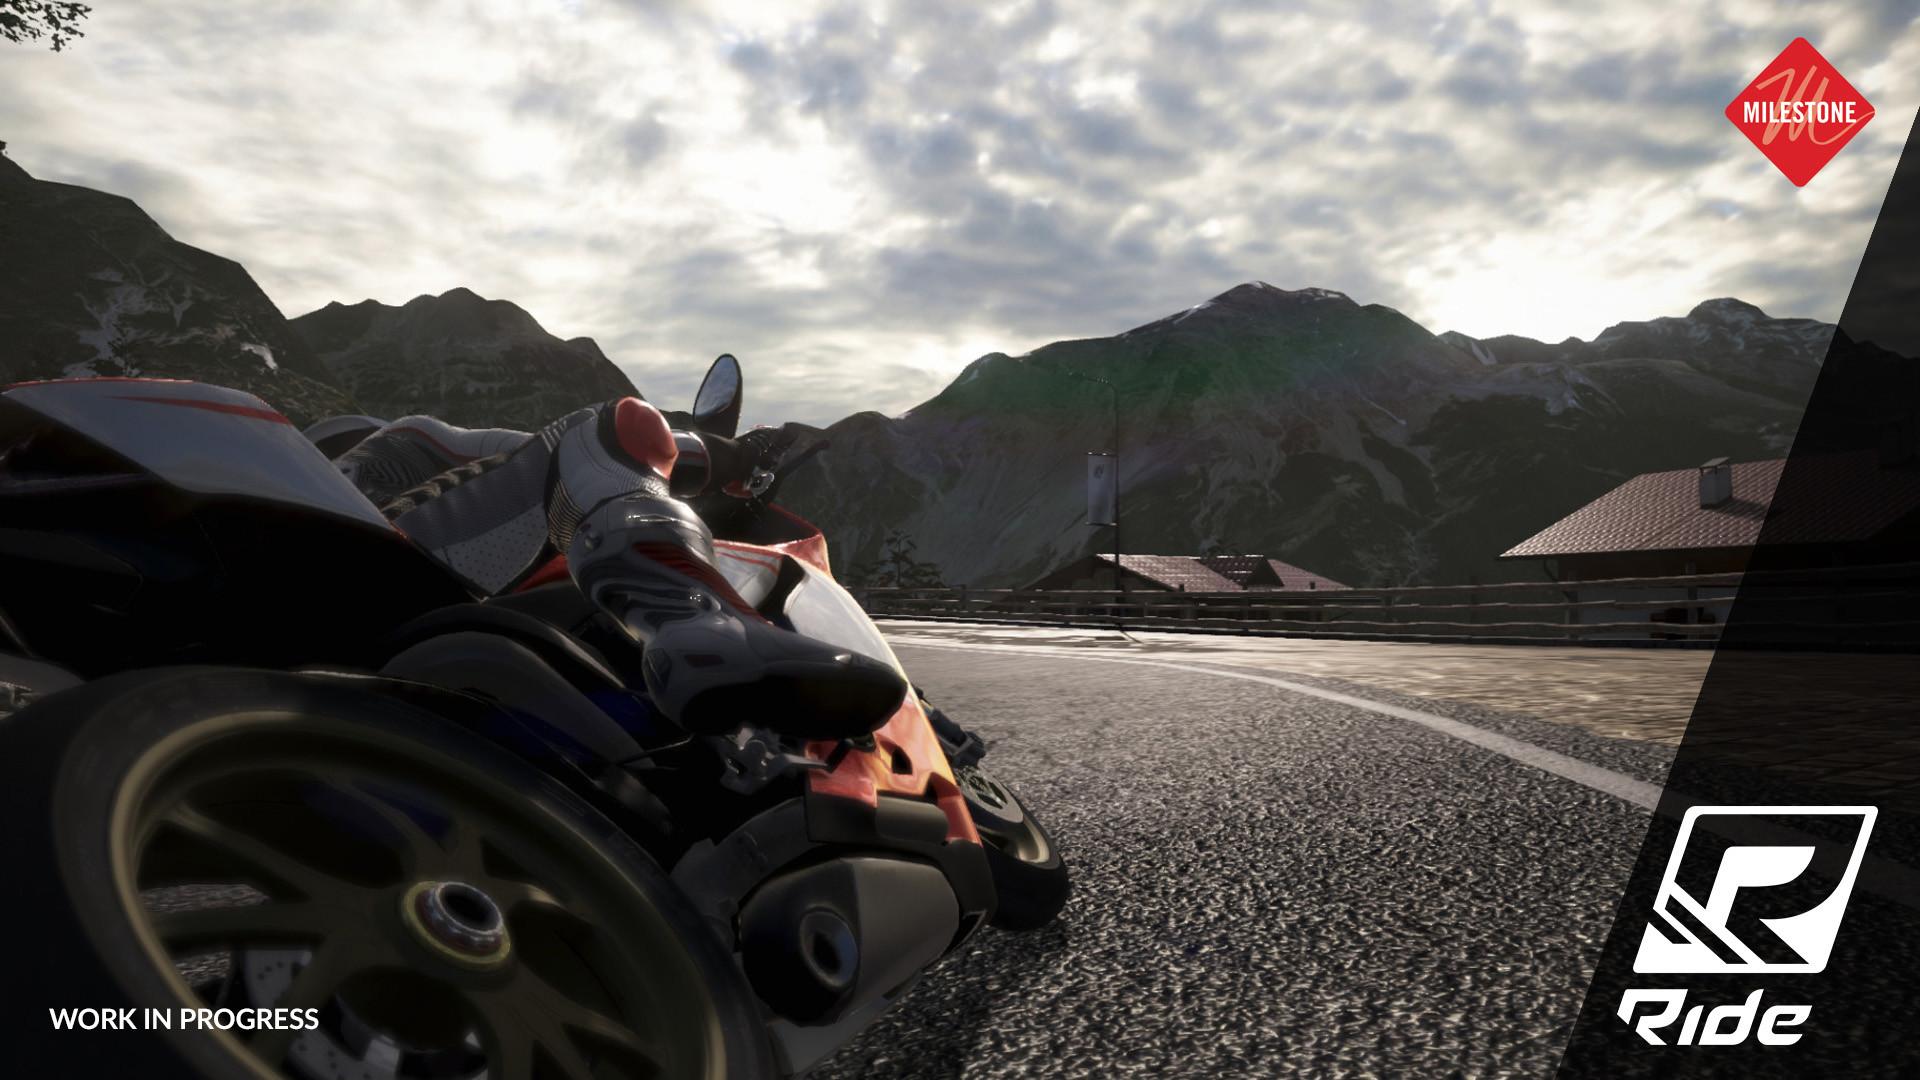 První obrázky z motocyklových závodů Ride 103204